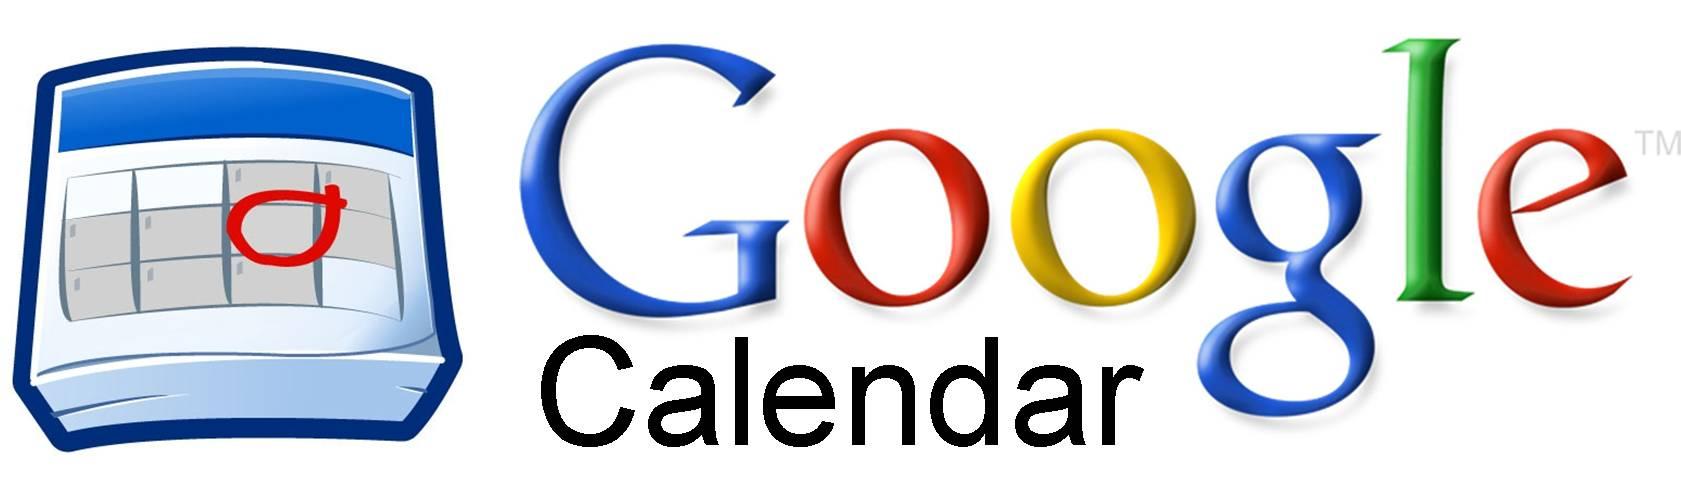 Собираем свой аналог Google Calendar не в 30 строк